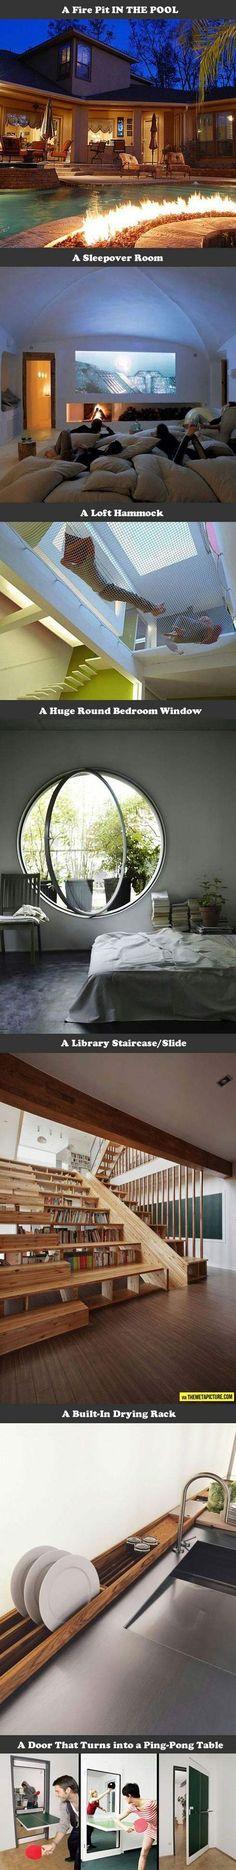 Alors je veux : la table de ping pong entre les chambres des enfants, l'escalier bibliothèque, et le dévidoir à vaisselle !!